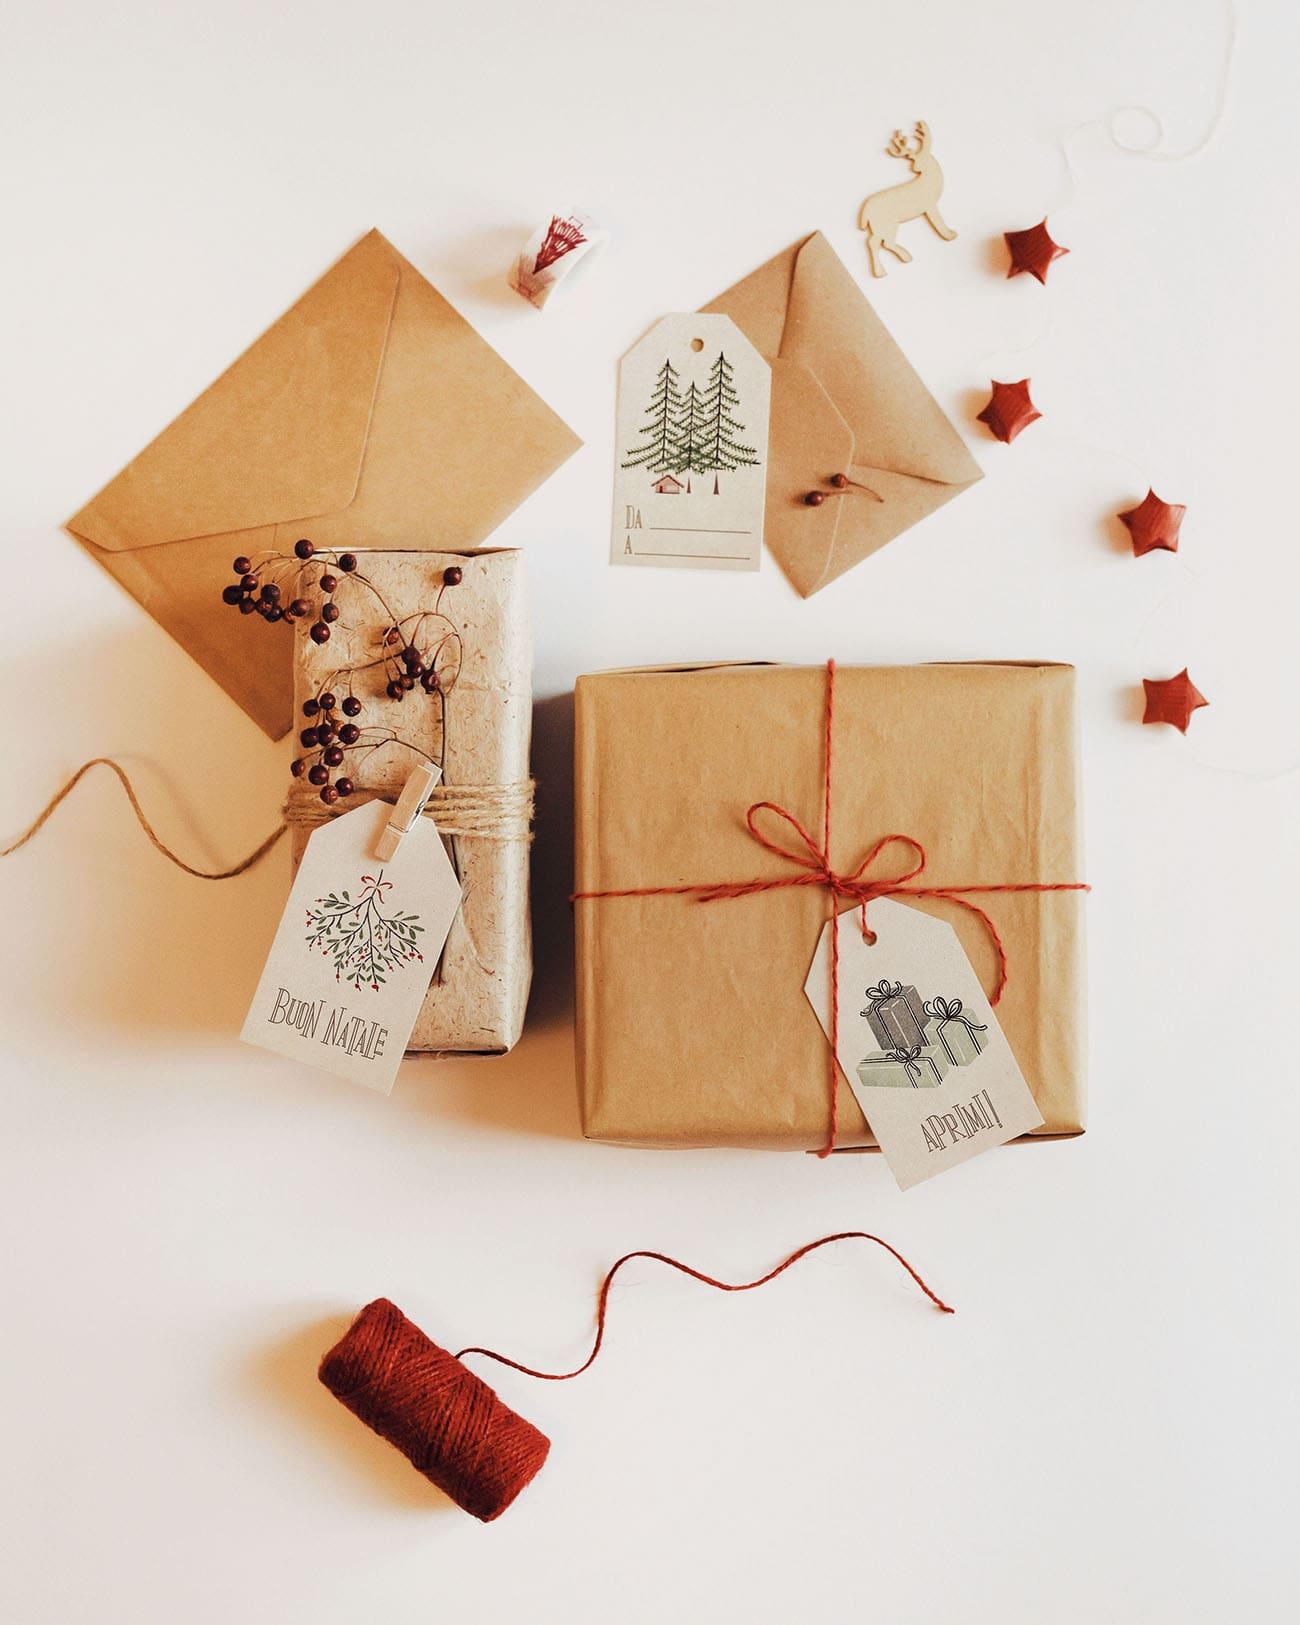 Etichette Per Regali Di Natale Da Stampare.Etichette Di Natale Illustrate Da Stampare Marianna Milione